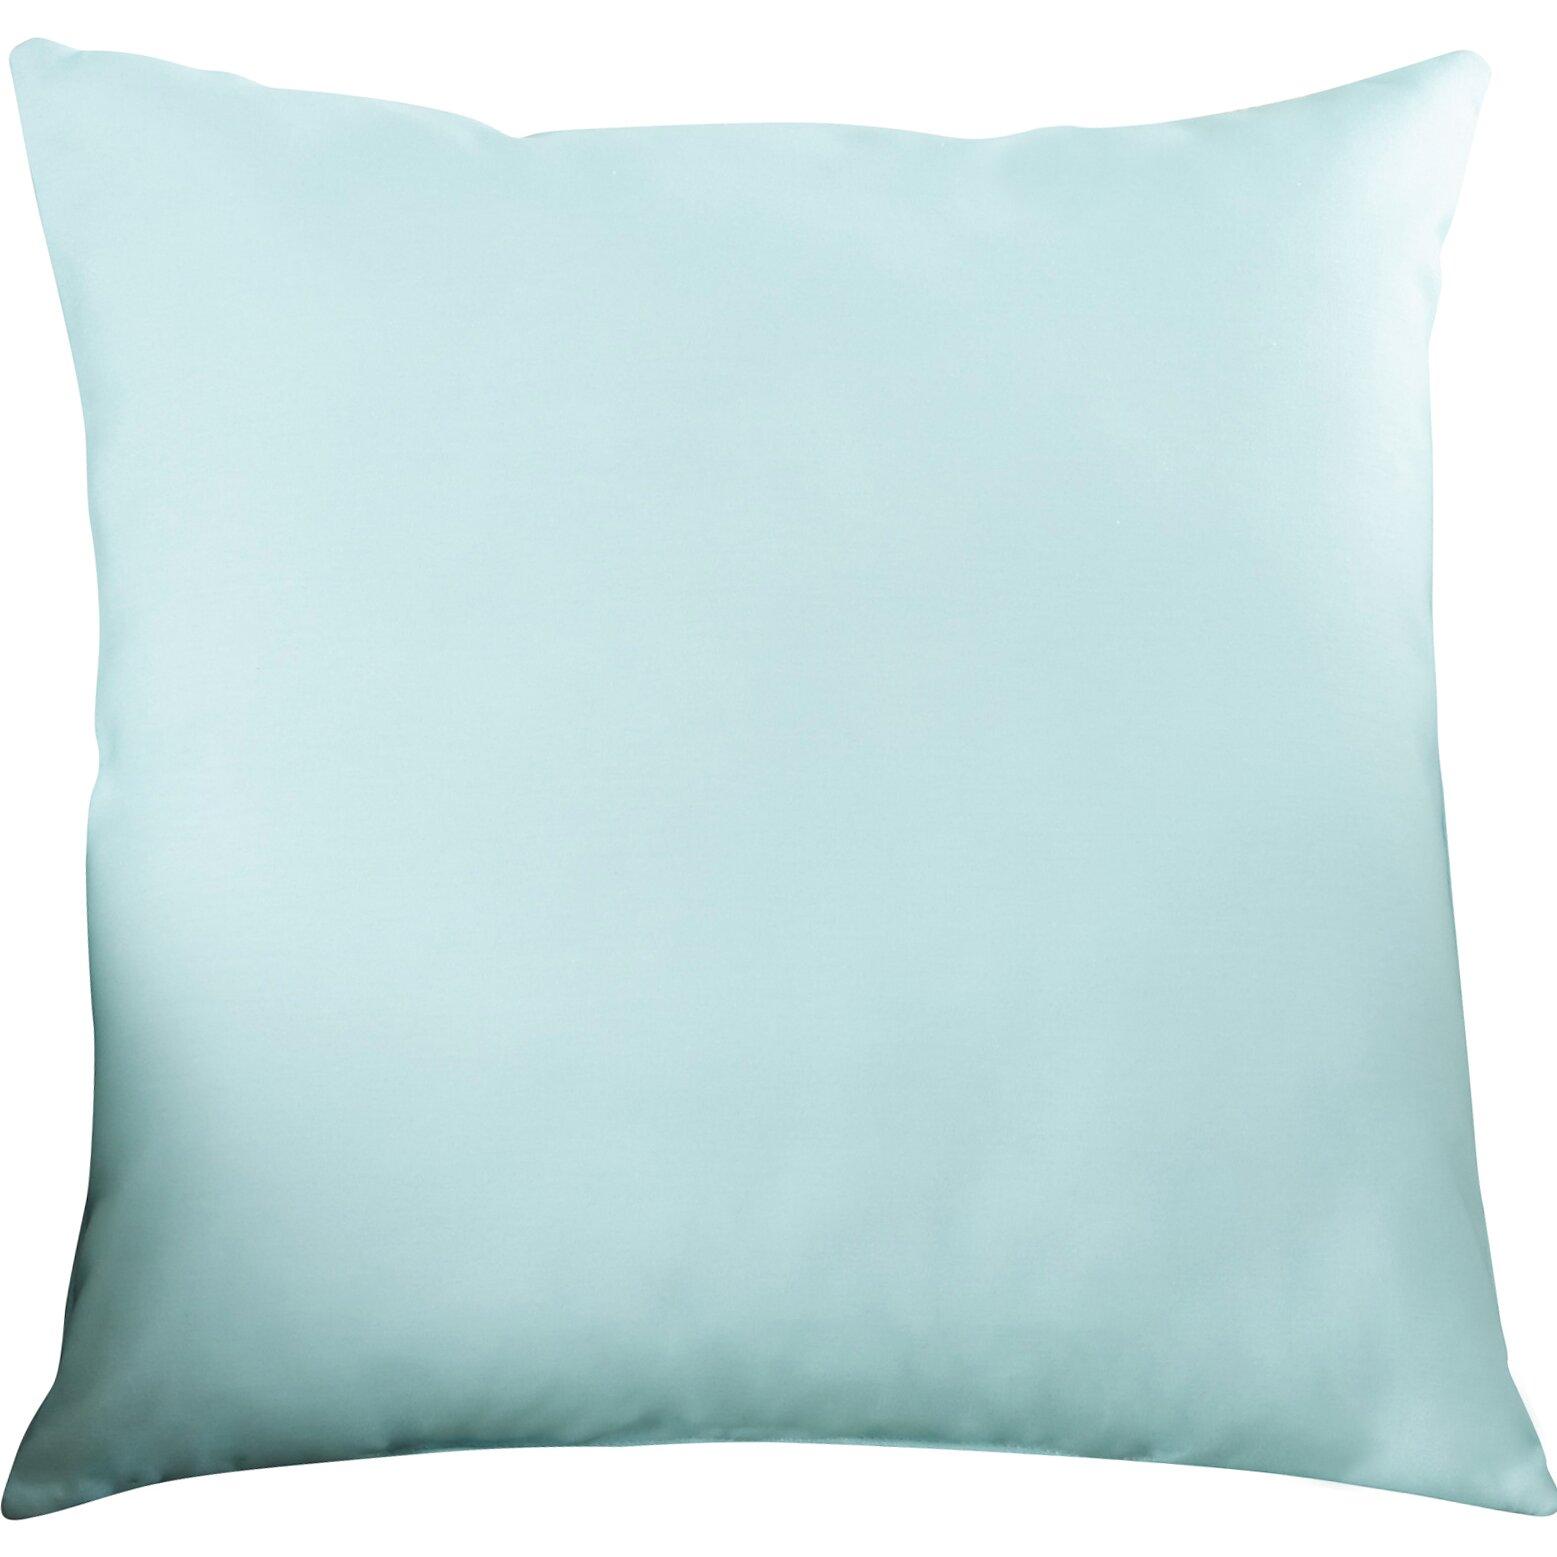 Charlton Home Ballard Linen Throw Pillow & Reviews Wayfair